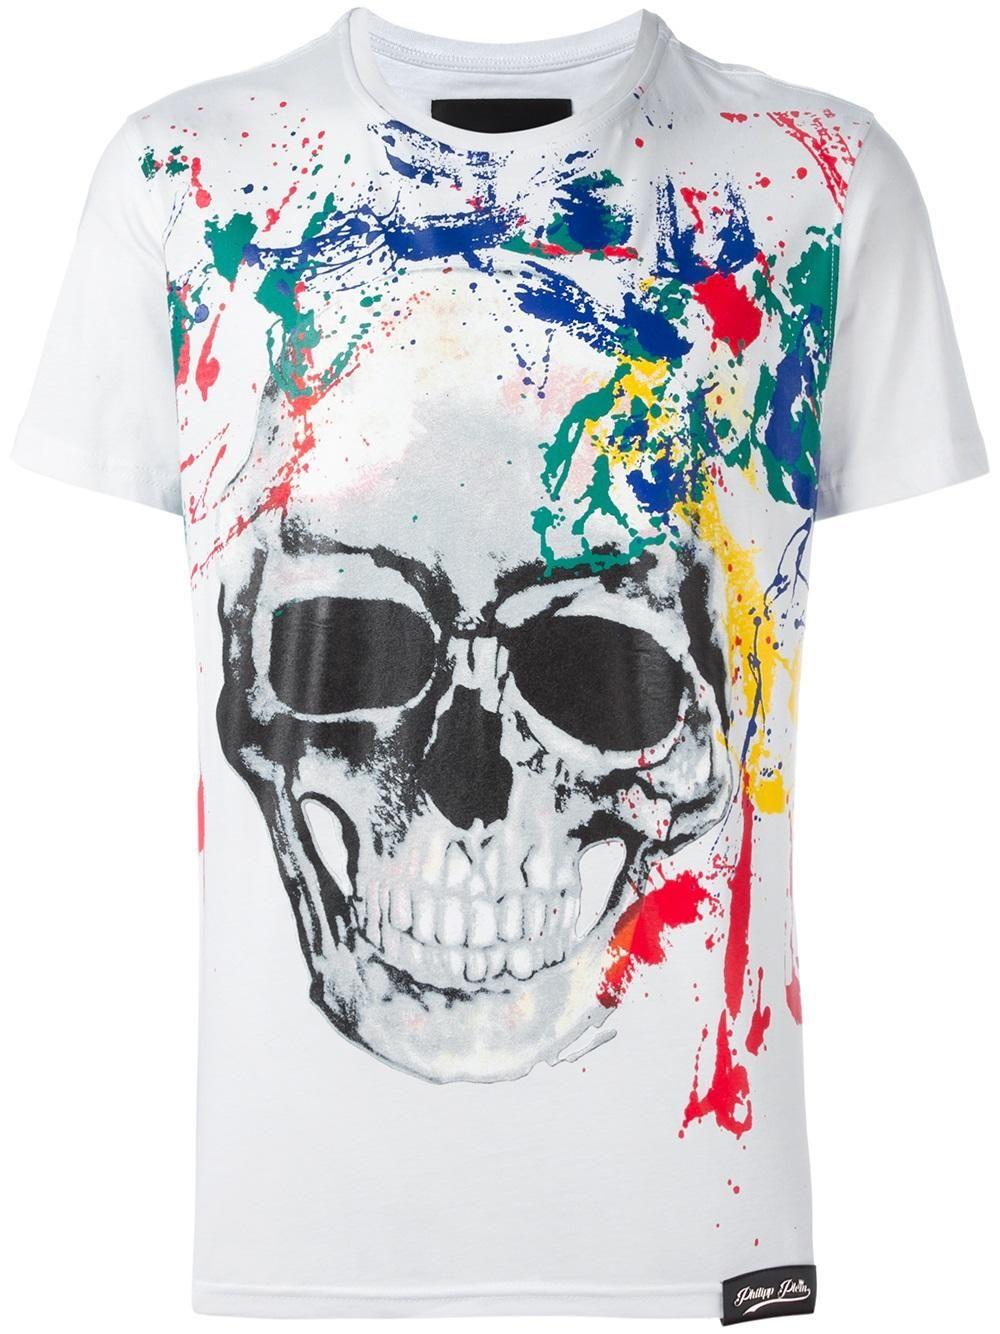 Philipp Plein camiseta con estampado de calavera Ropa Pintada 10a4d5a659a9d